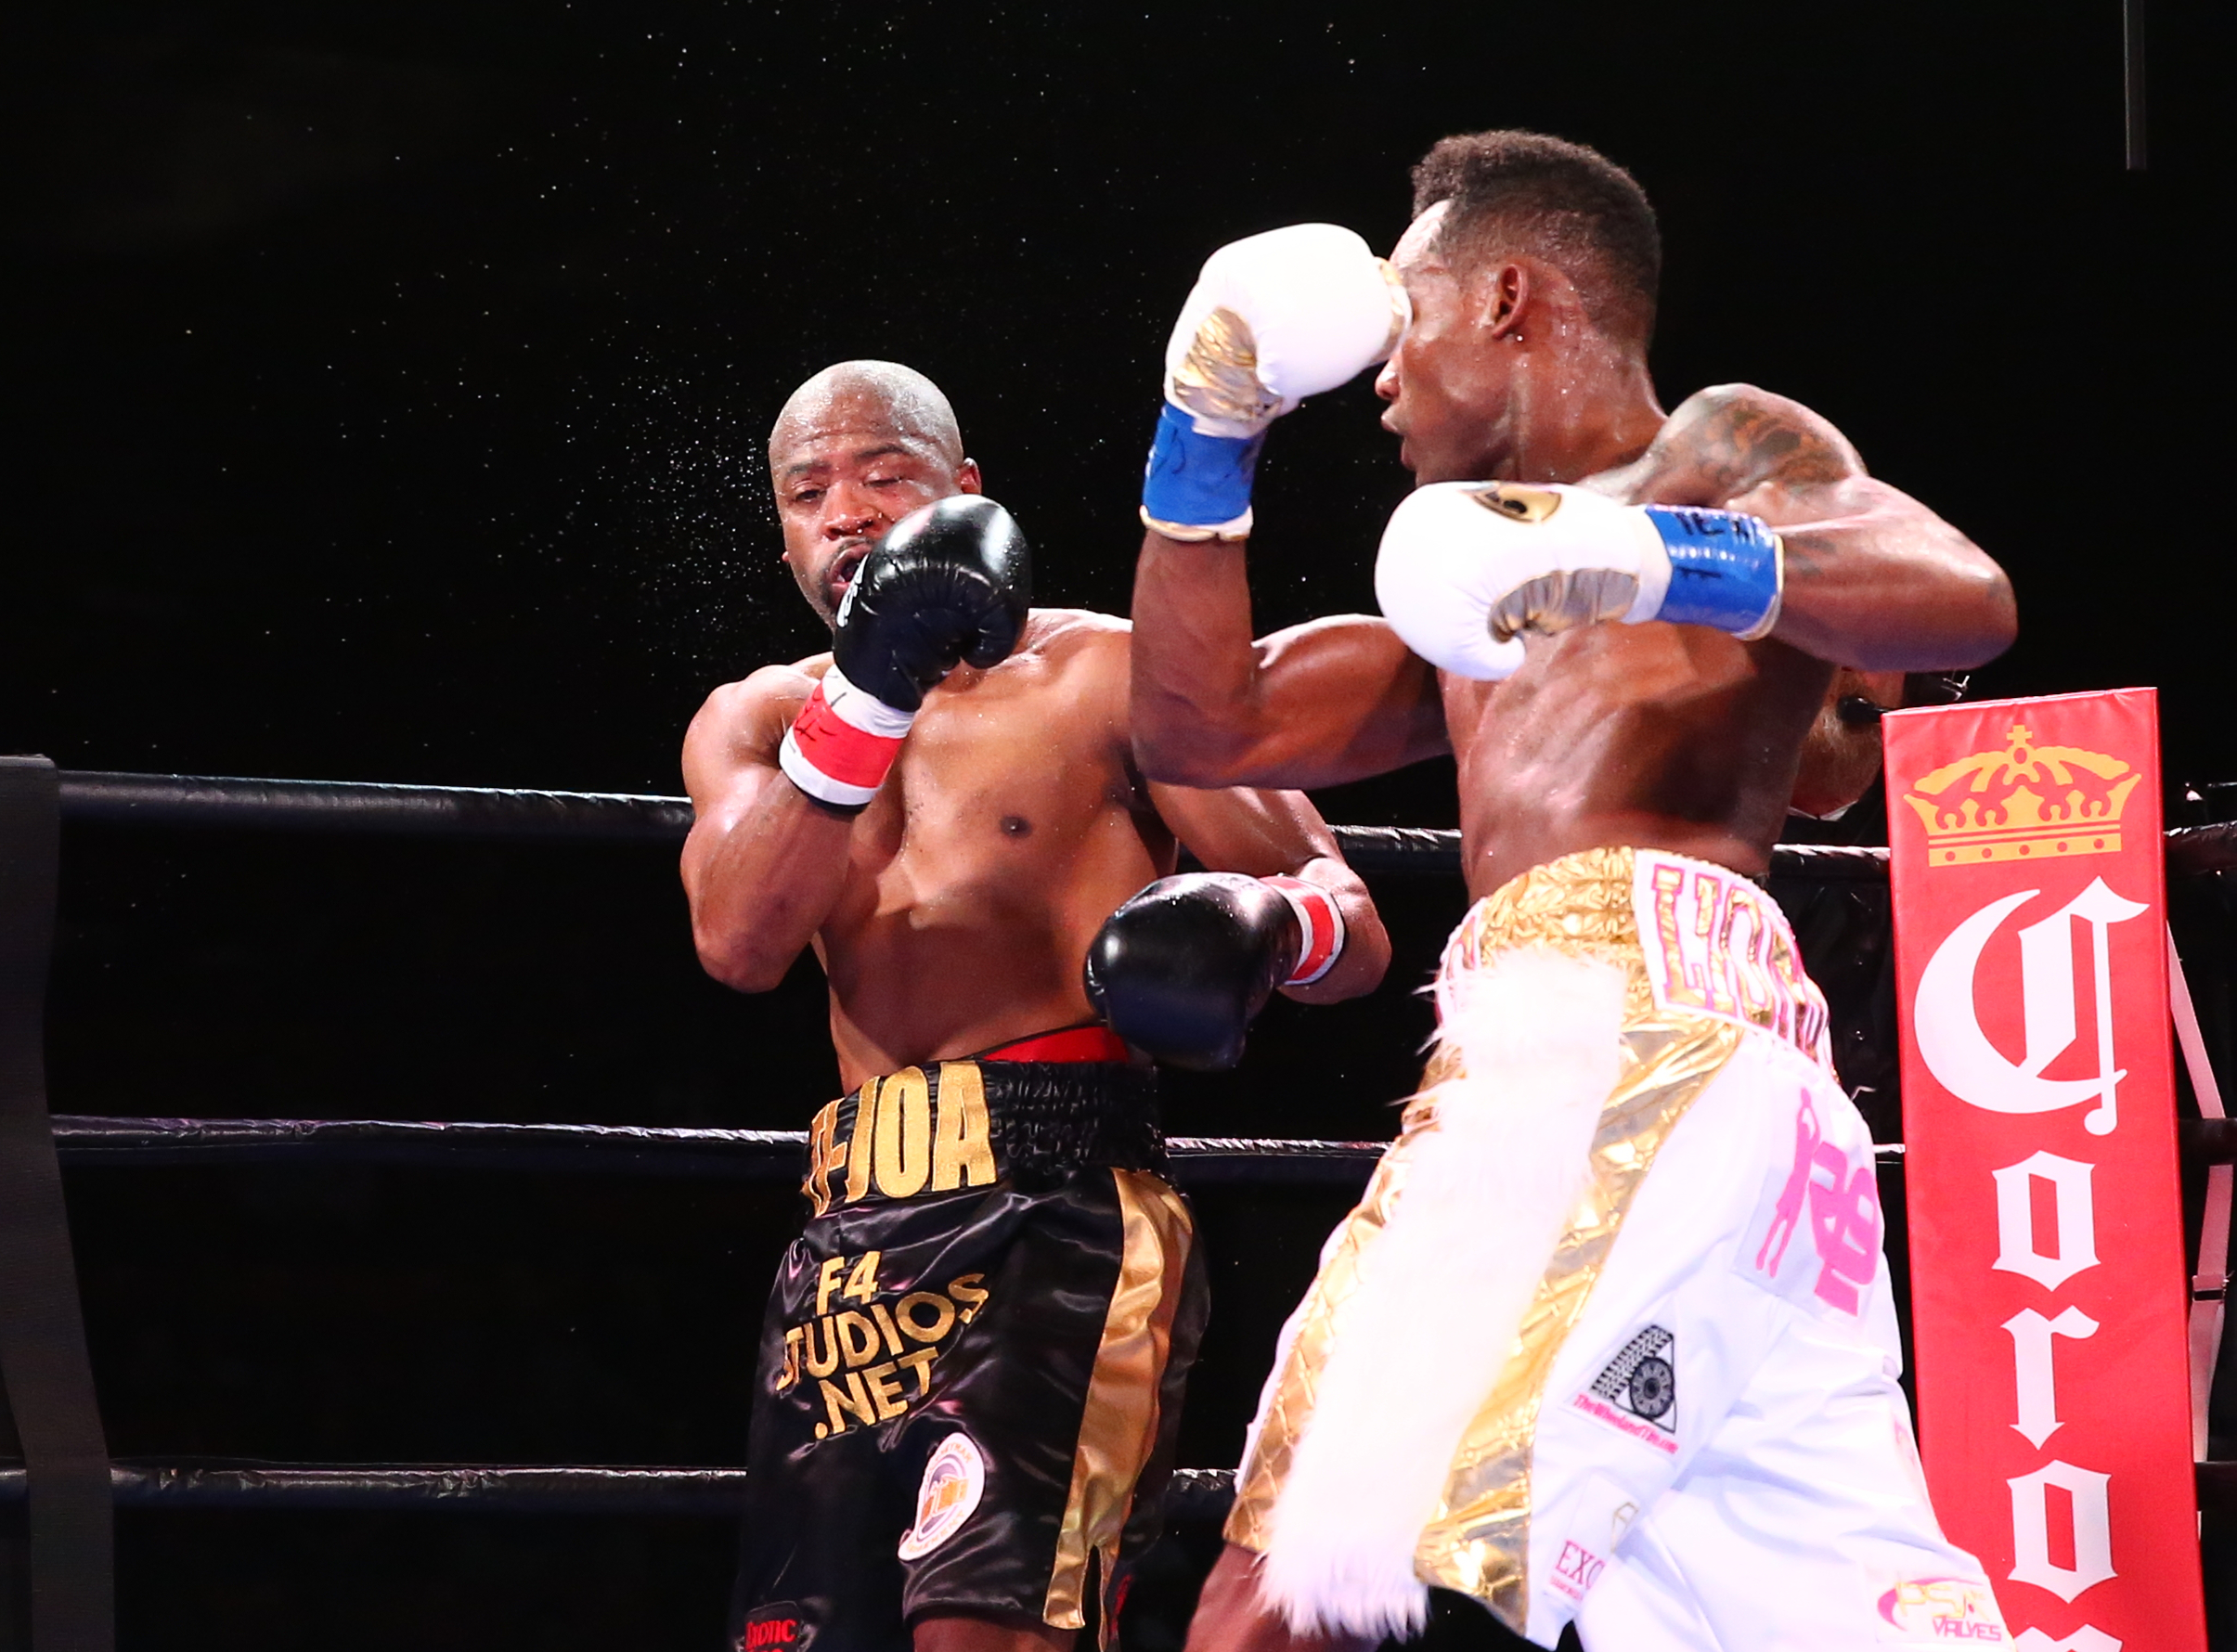 SASP- 20151031 - PBC Boxing - 2325 - 5202.JPG